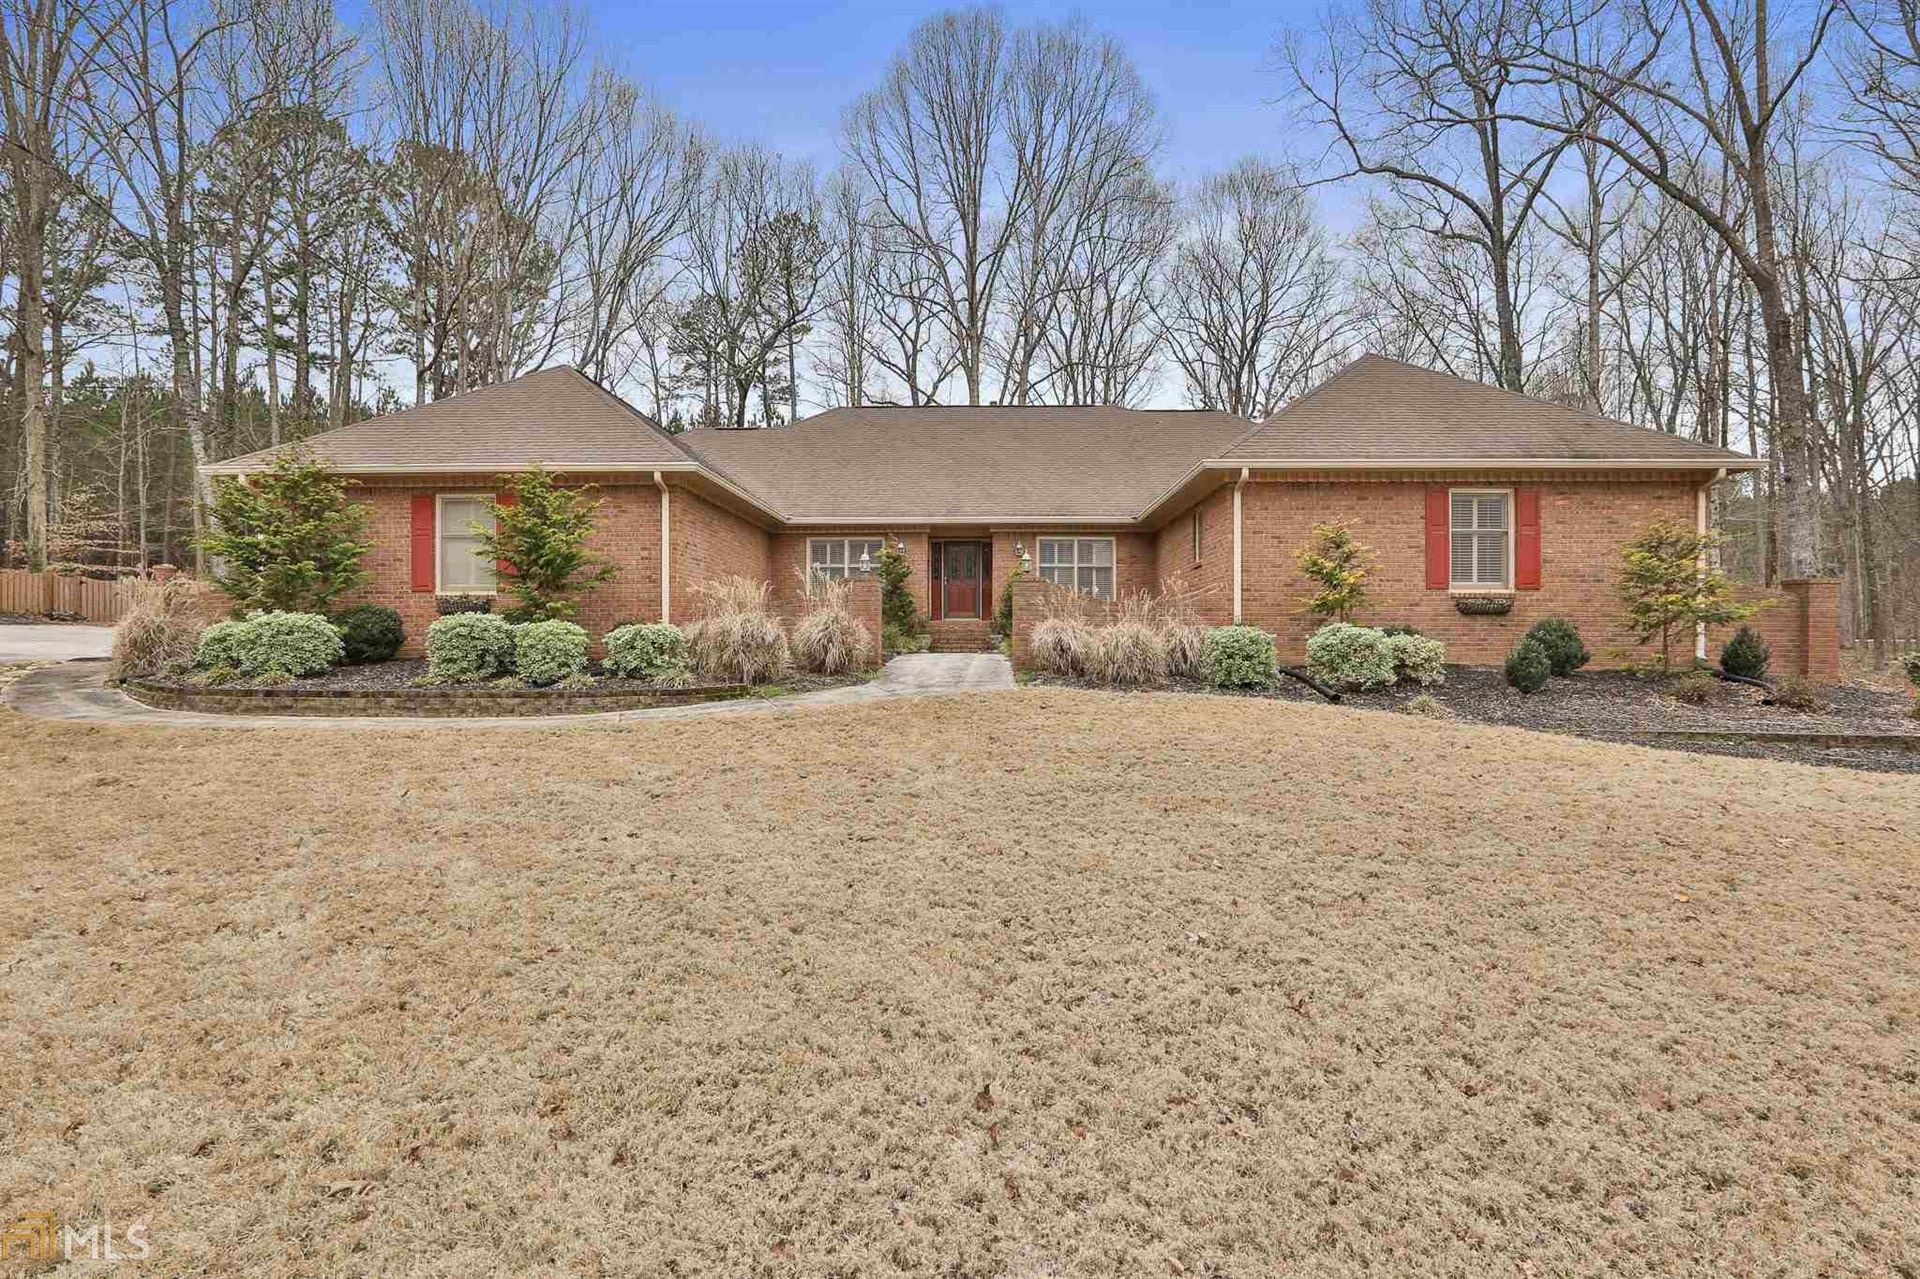 155 Emerald Ln, Fayetteville, GA 30214 - #: 8902586